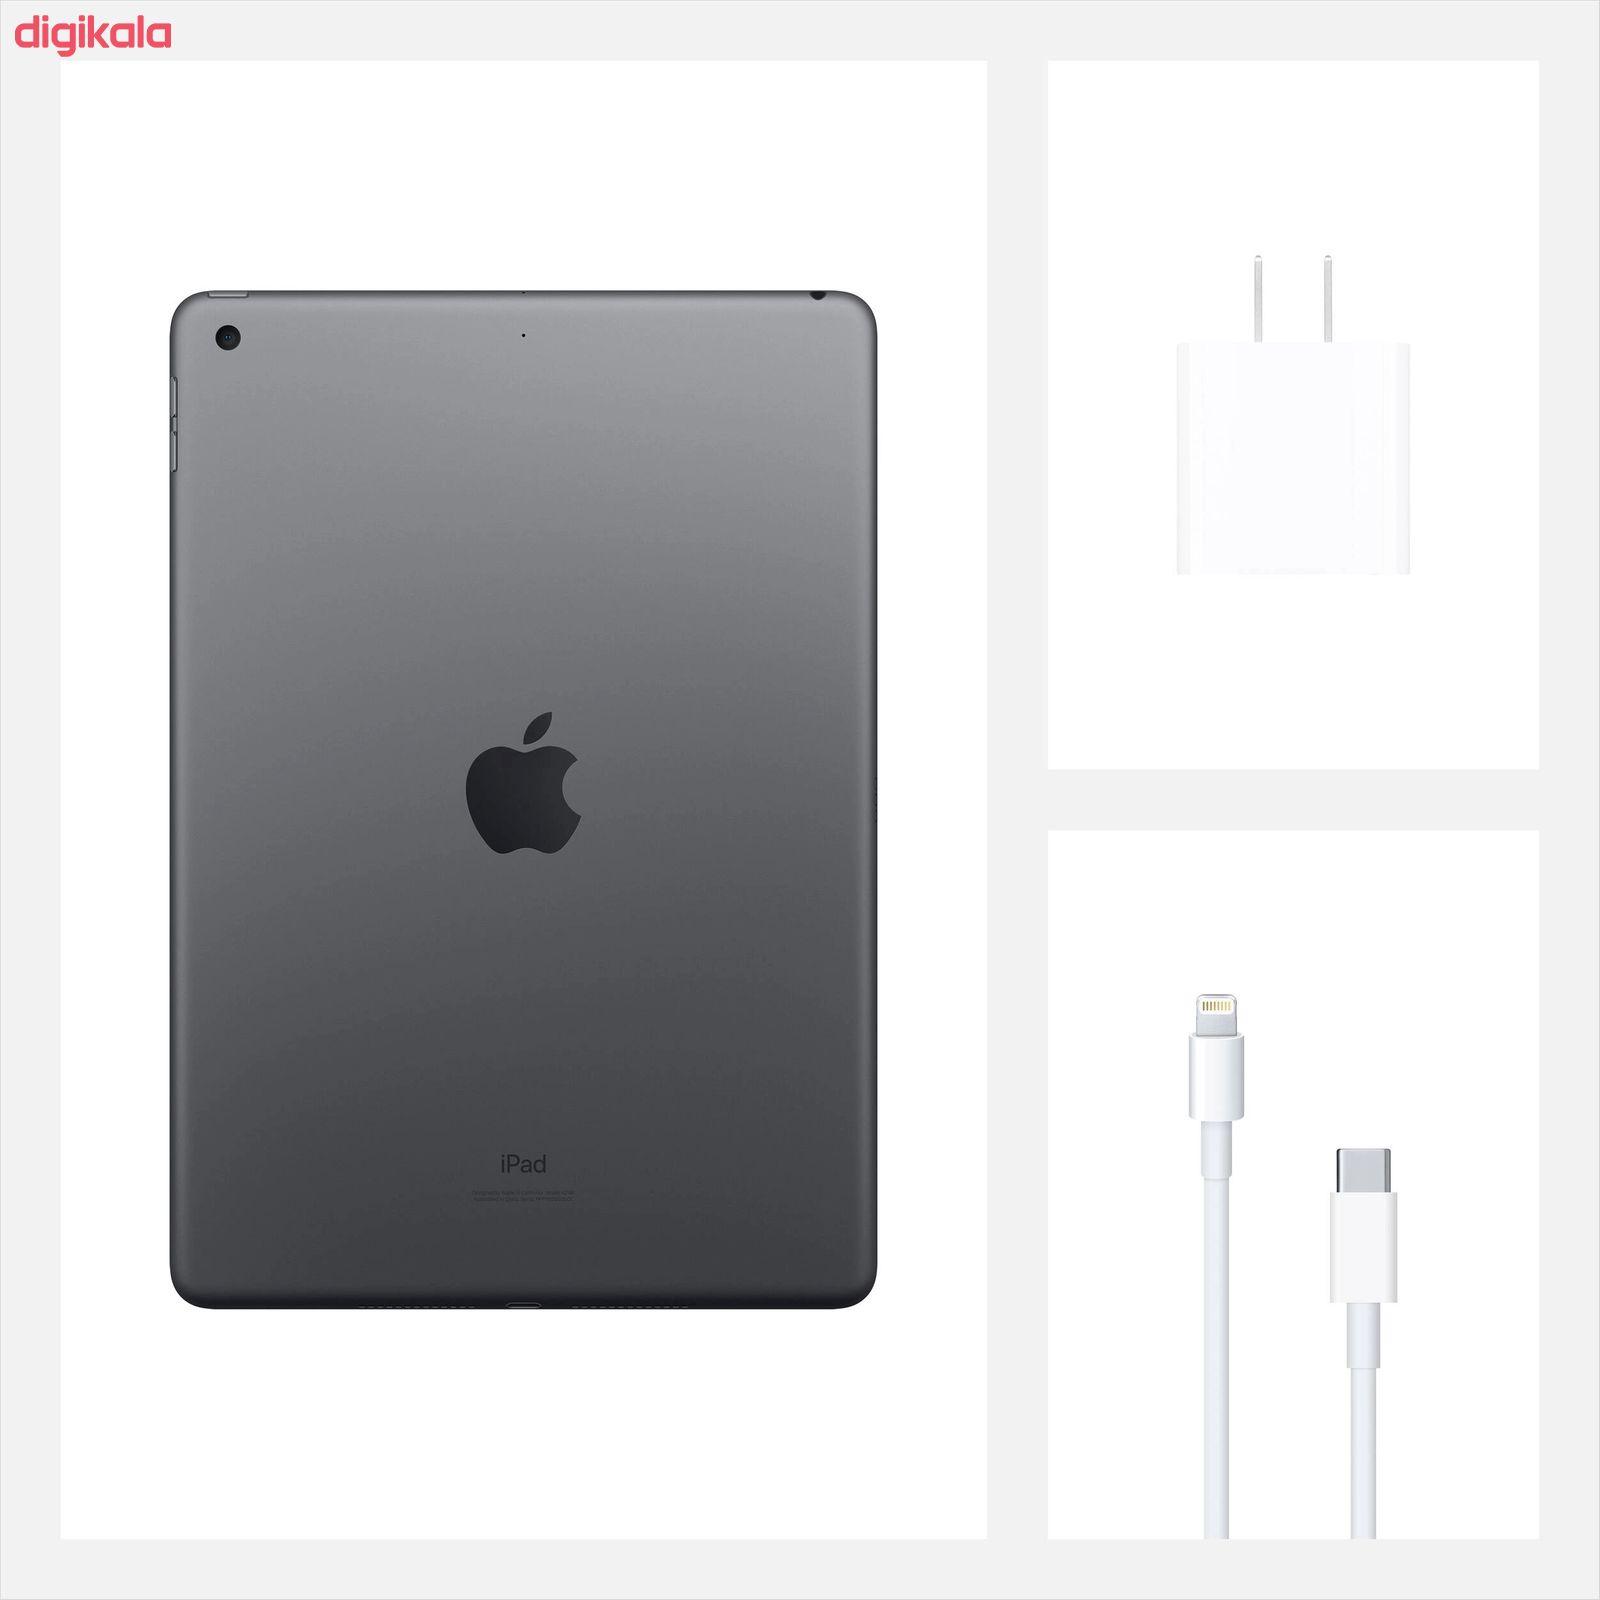 تبلت اپل مدل iPad 10.2 inch 2020 WiFi ظرفیت 32 گیگابایت  main 1 12